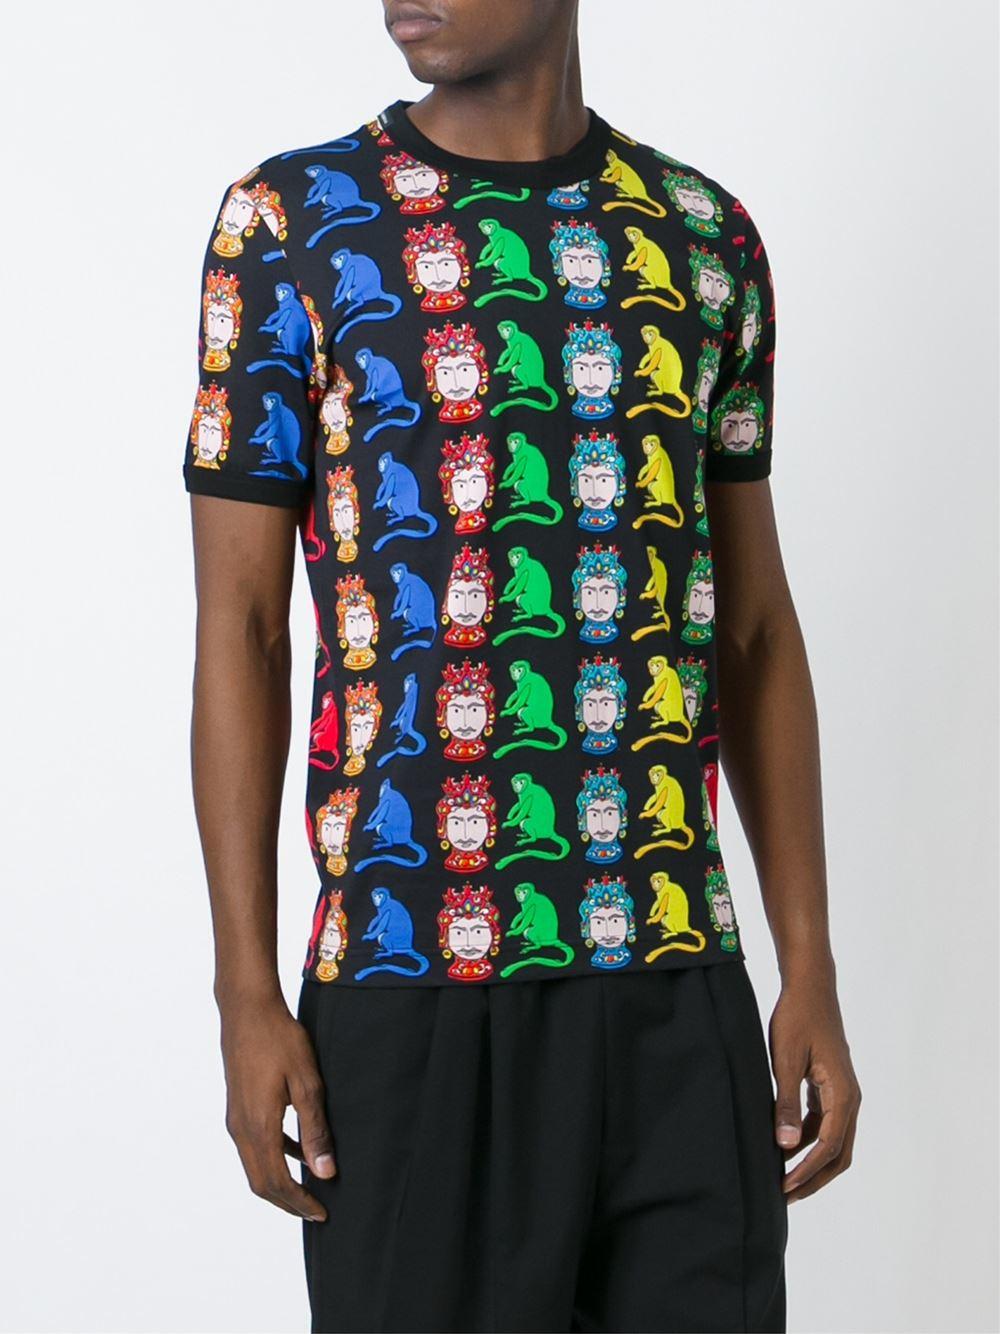 Dolce gabbana knight and monkey print t shirt in for Dolce and gabbana printed t shirts